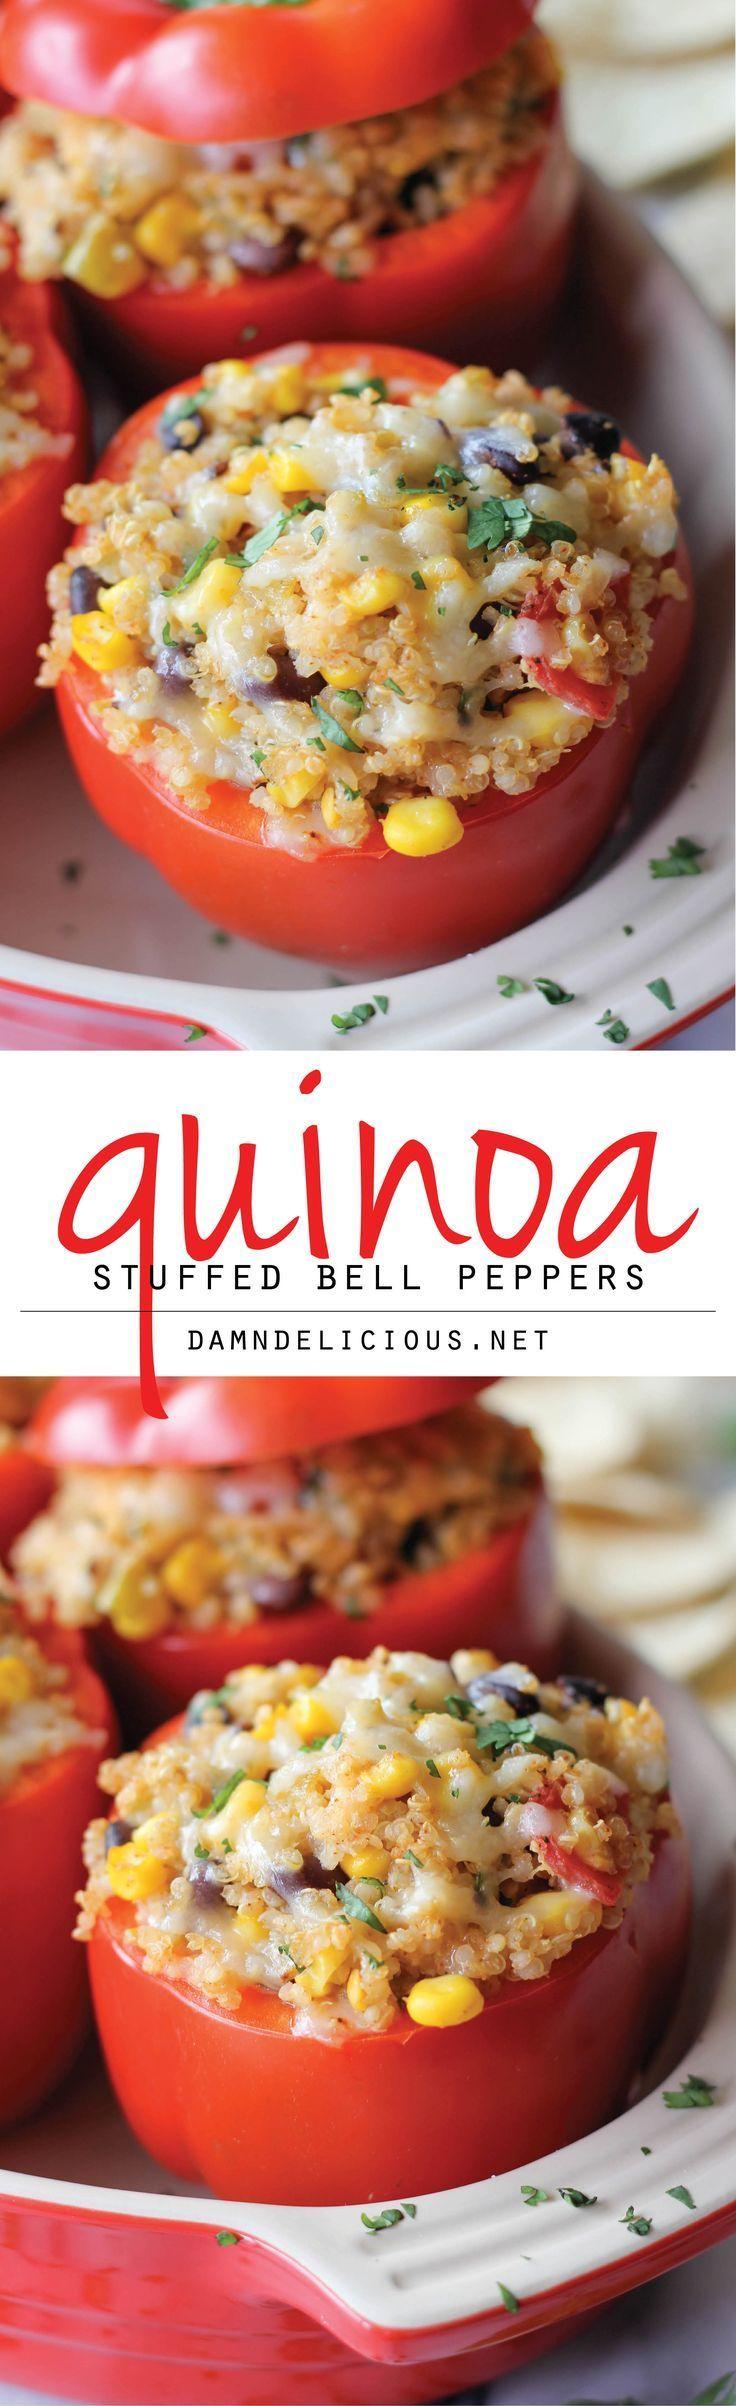 Quinoa Stuffed Bell Peppers #stuffedbellpeppers